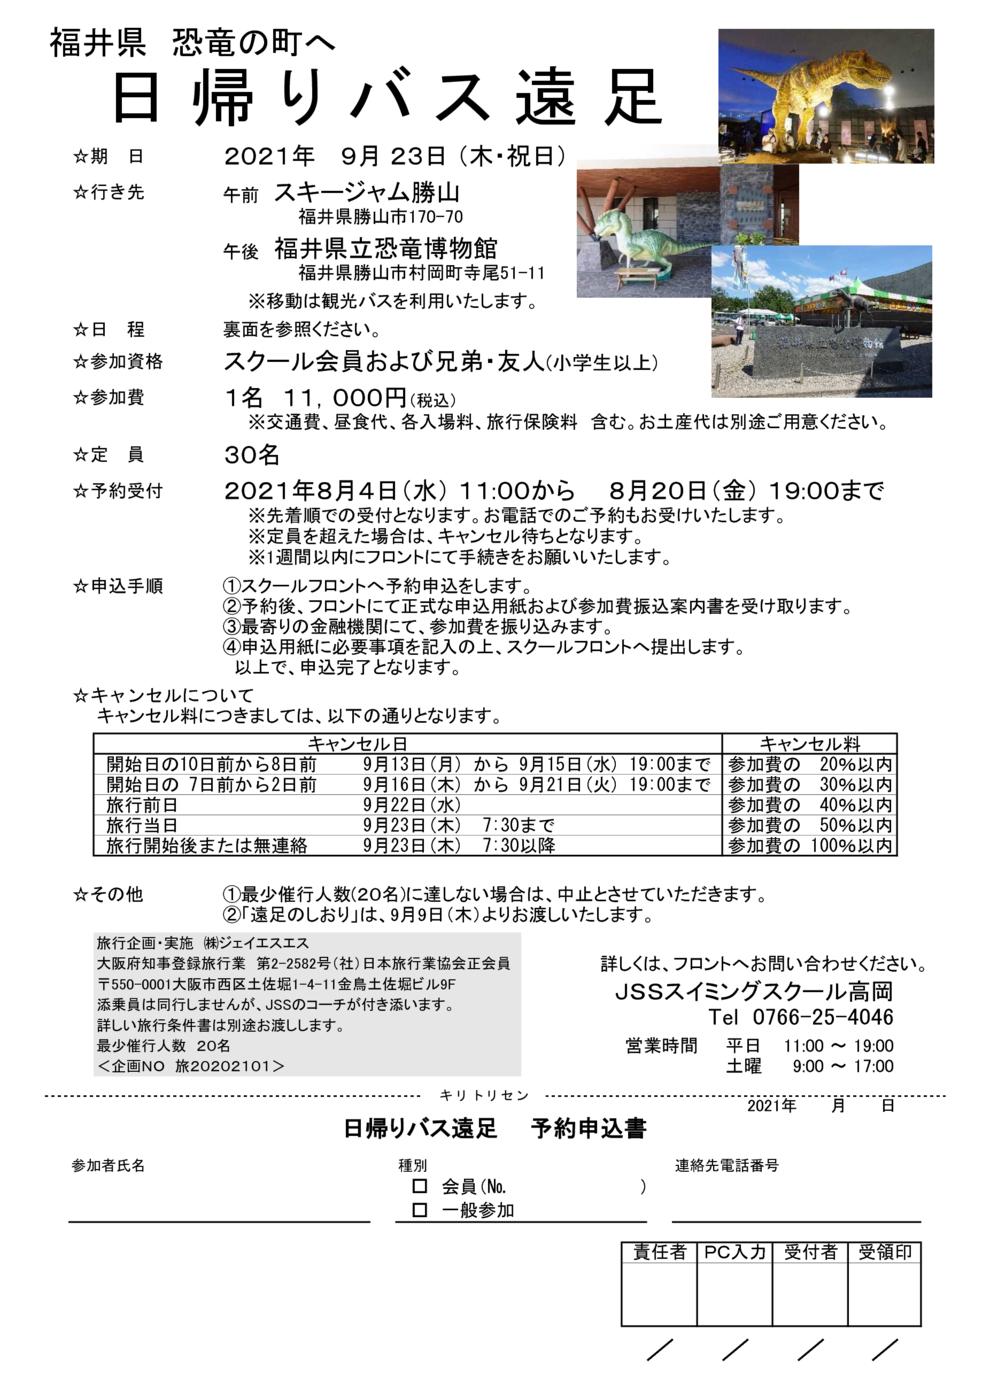 『 9月23日(木・祝日) バス遠足 』のお知らせ 画像